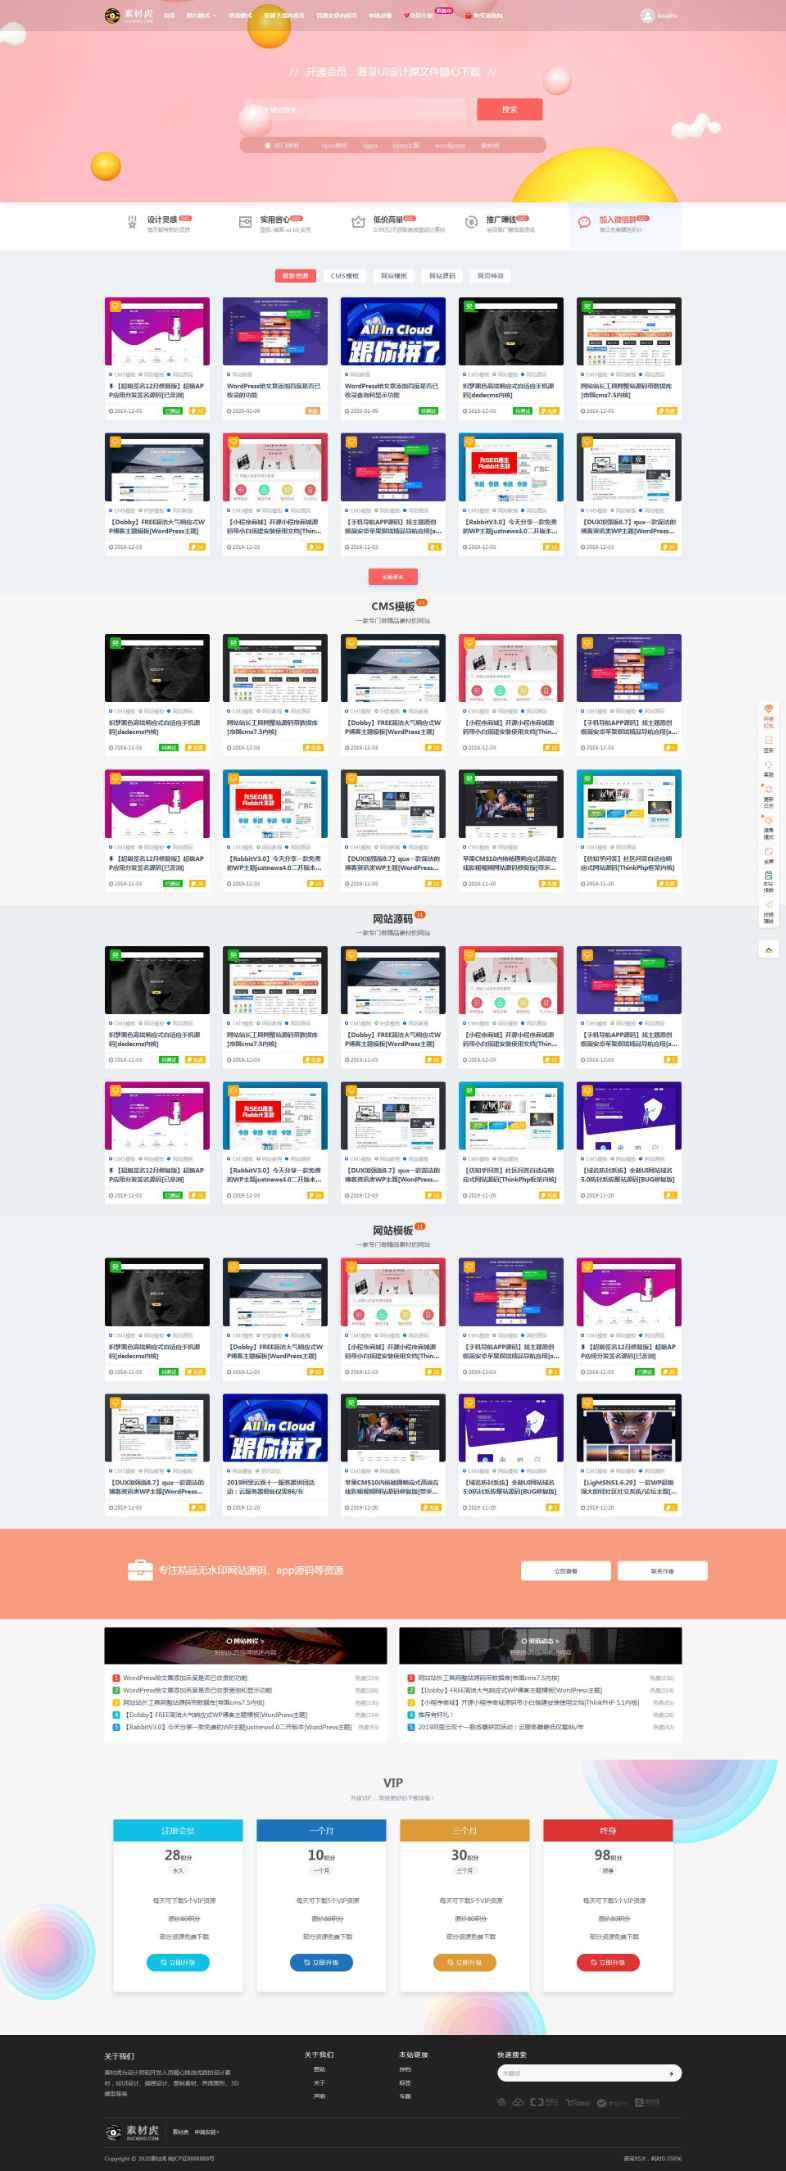 【ripro美化】设计子主题sheji-child素材资源下载站模板(兼容ripro7.5集成后台+无授权+独家+独立运行)插图